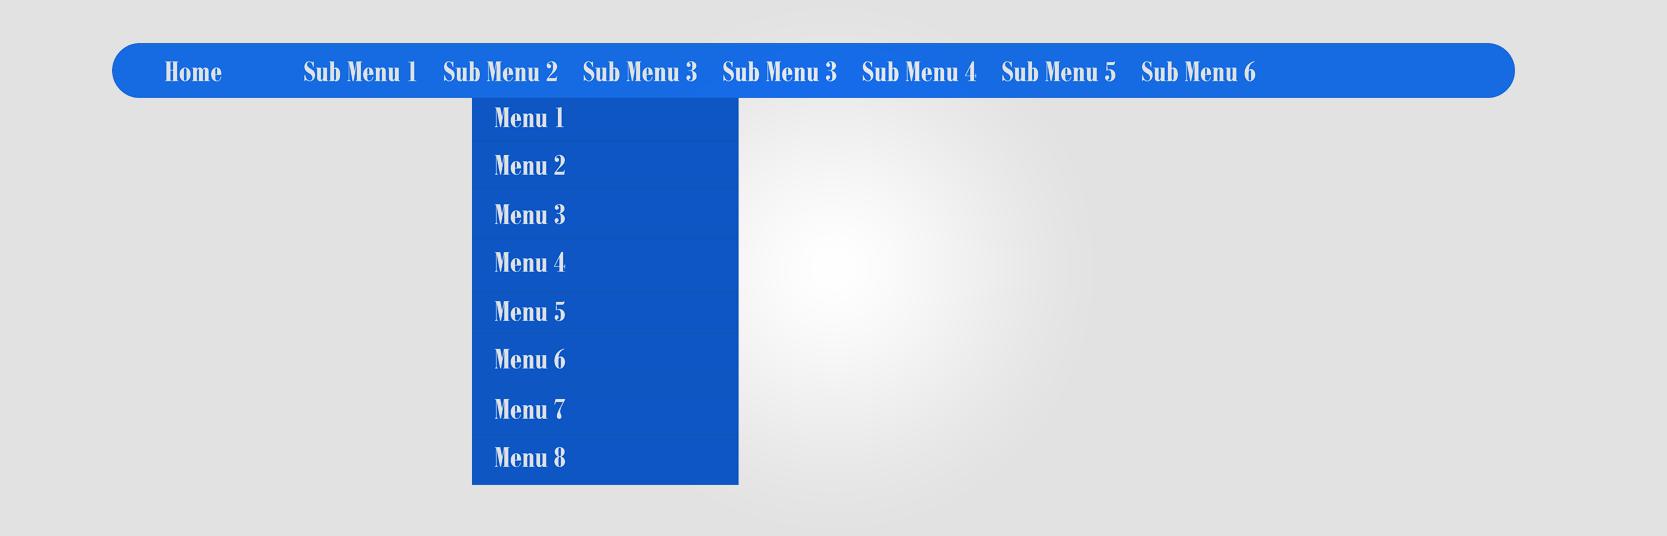 Stylish CSS Drop Down Menu in Blogspot